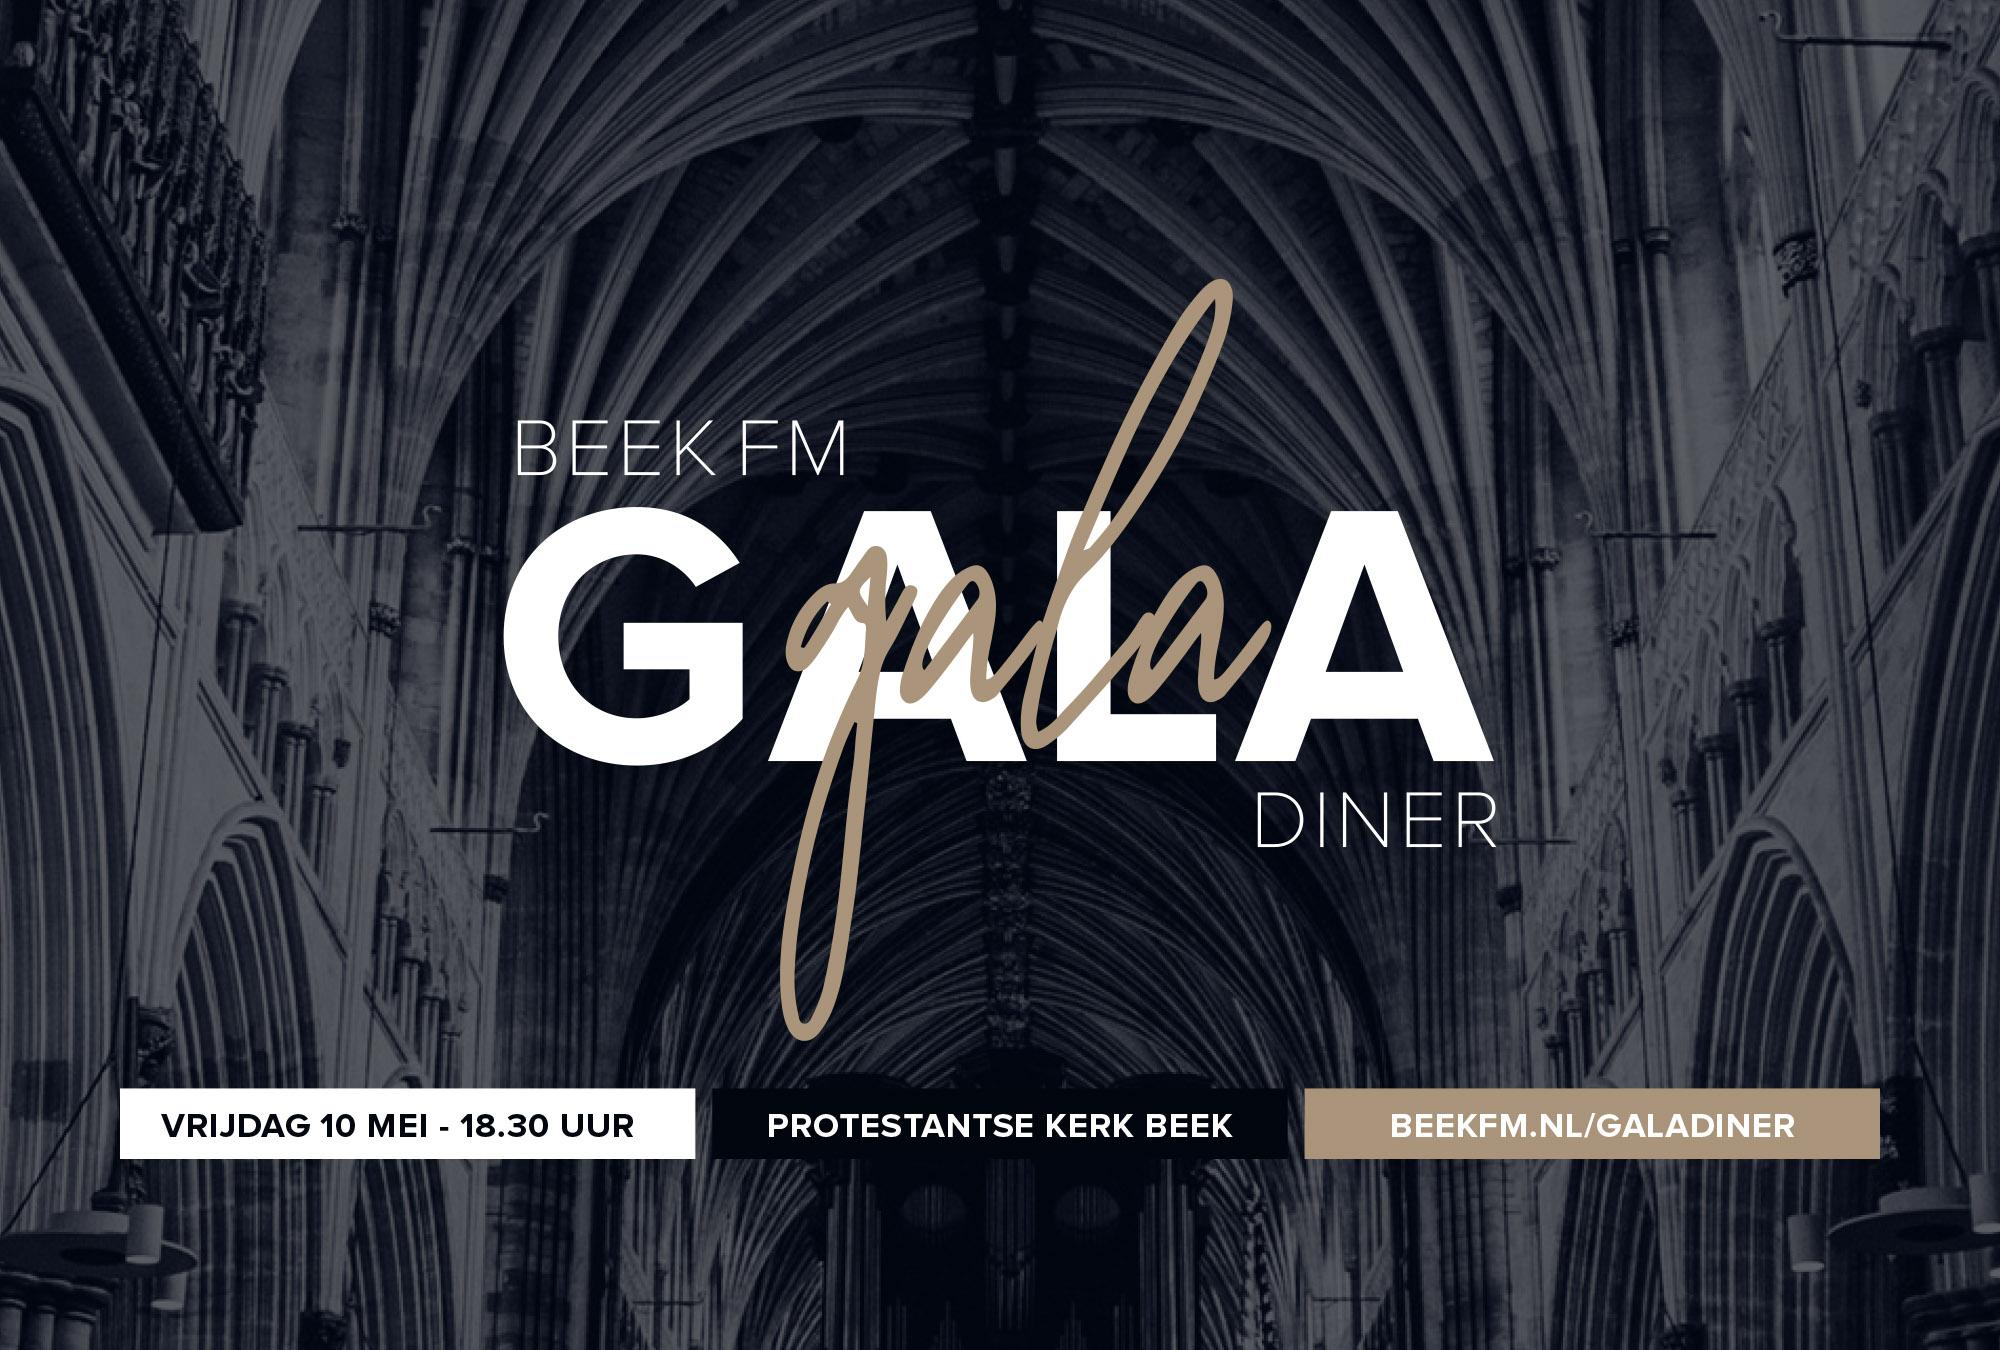 Beek FM Gala Diner als startschot Beek FM 2019!